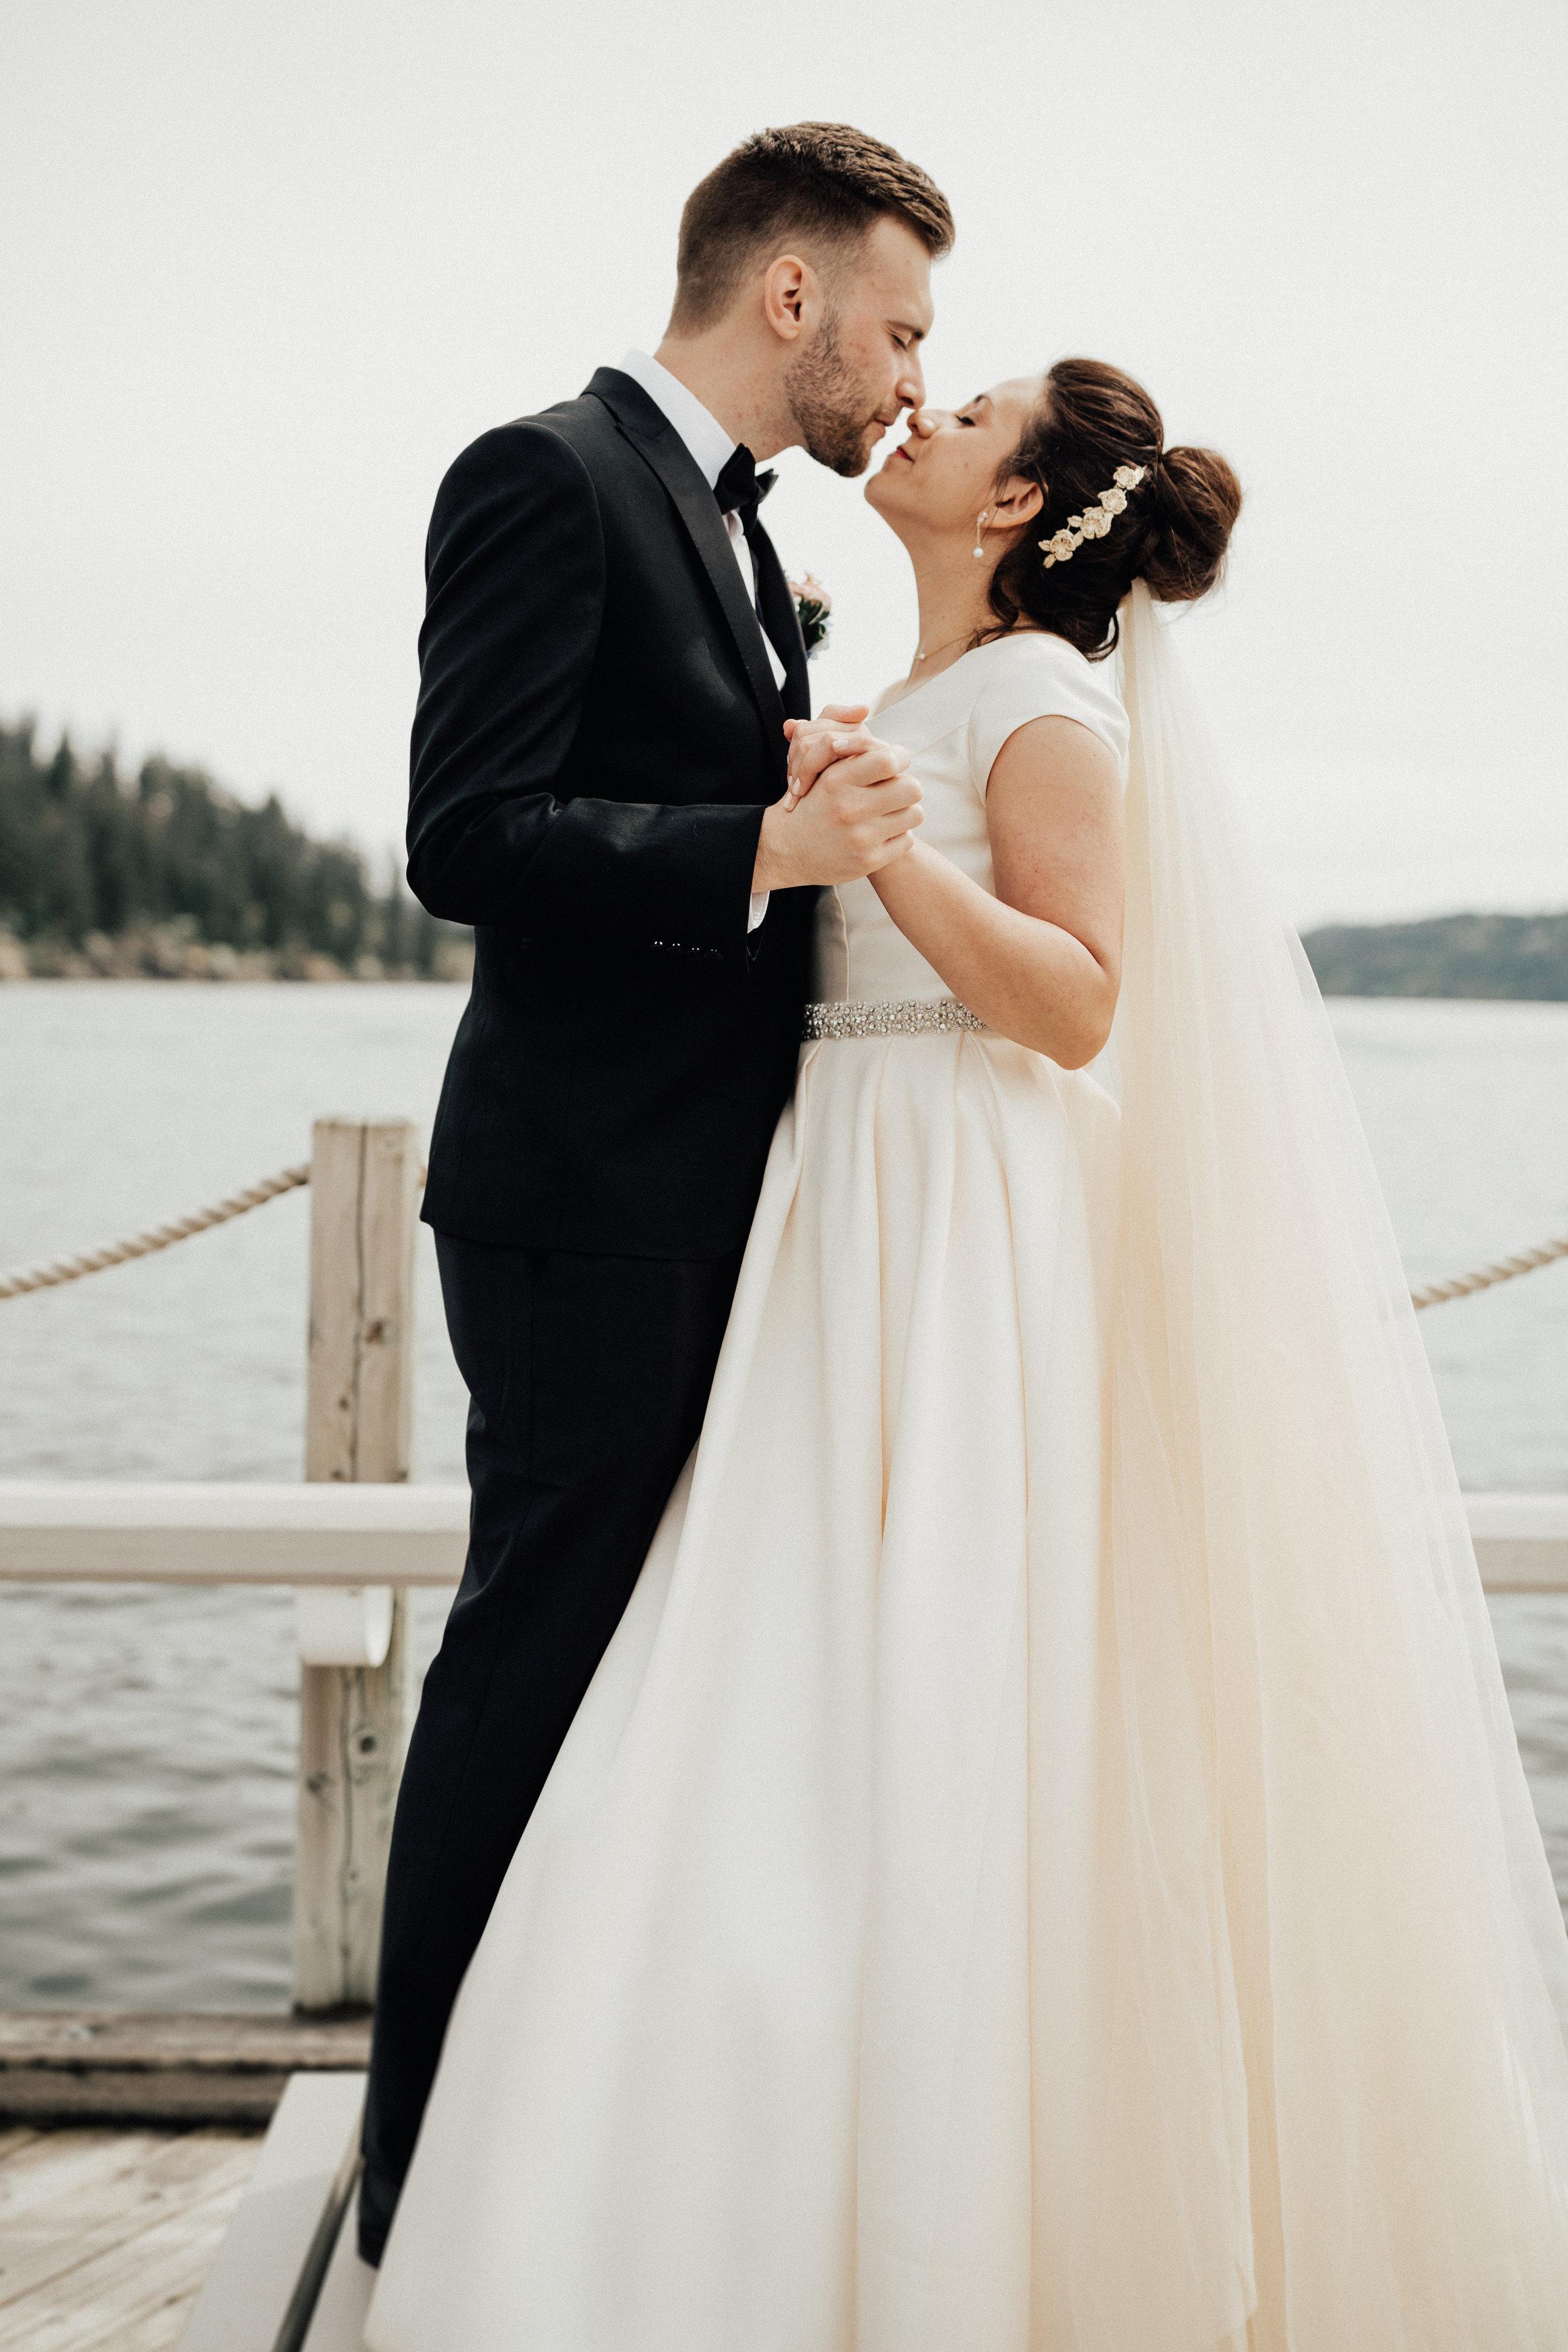 idaho-lds-wedding